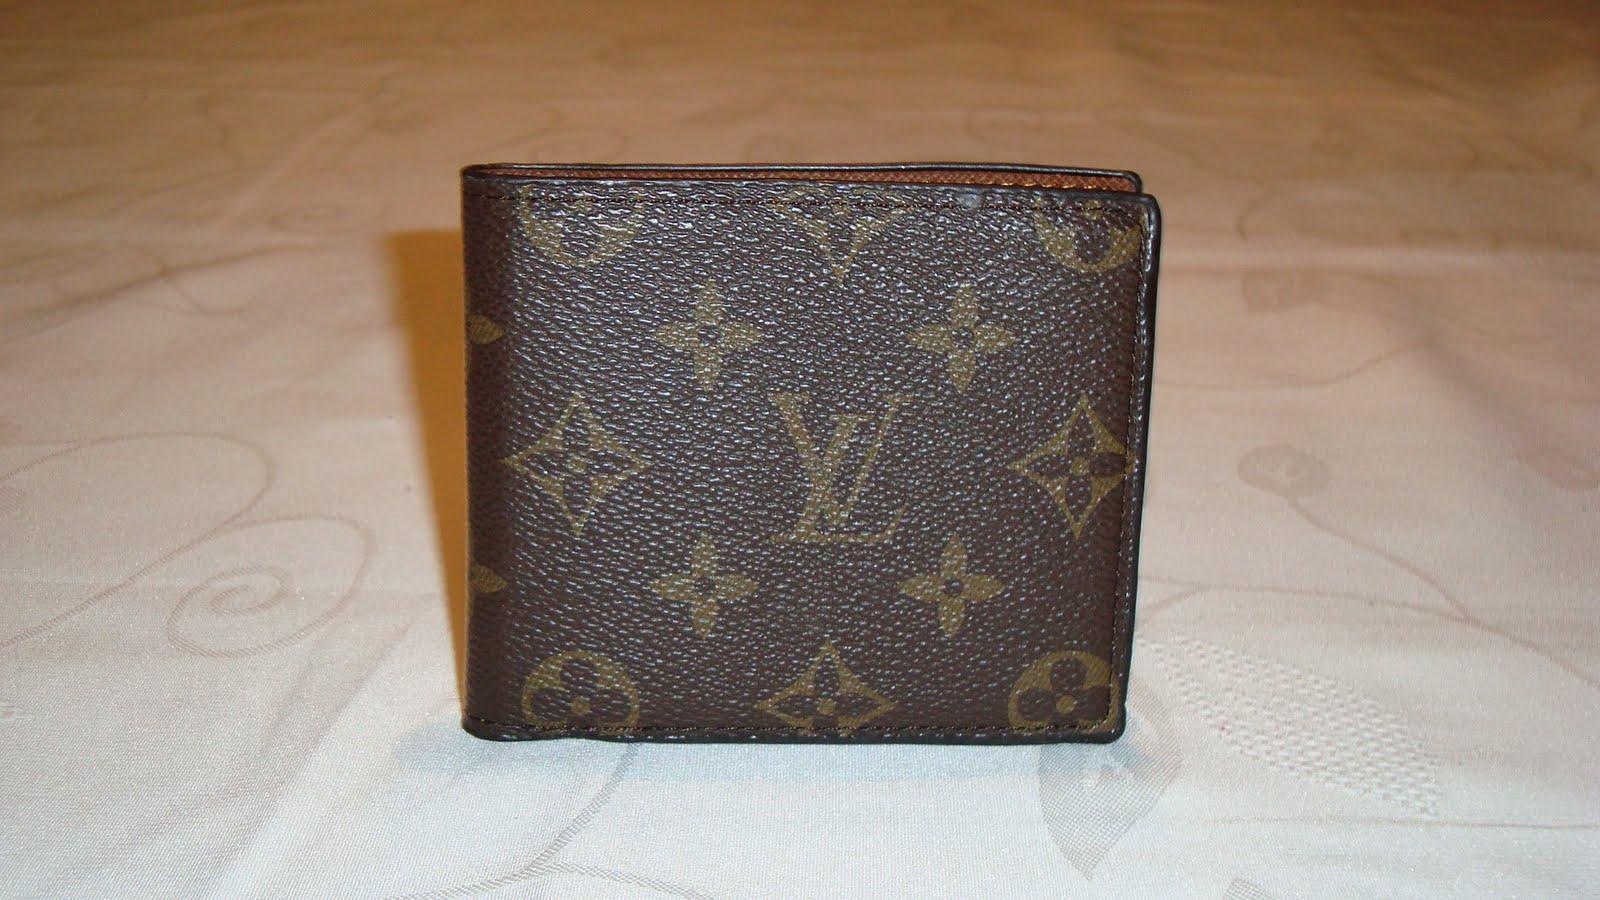 34bbe0fe0 Cartera Louis Vuitton De Hombre Precio   The Art of Mike Mignola